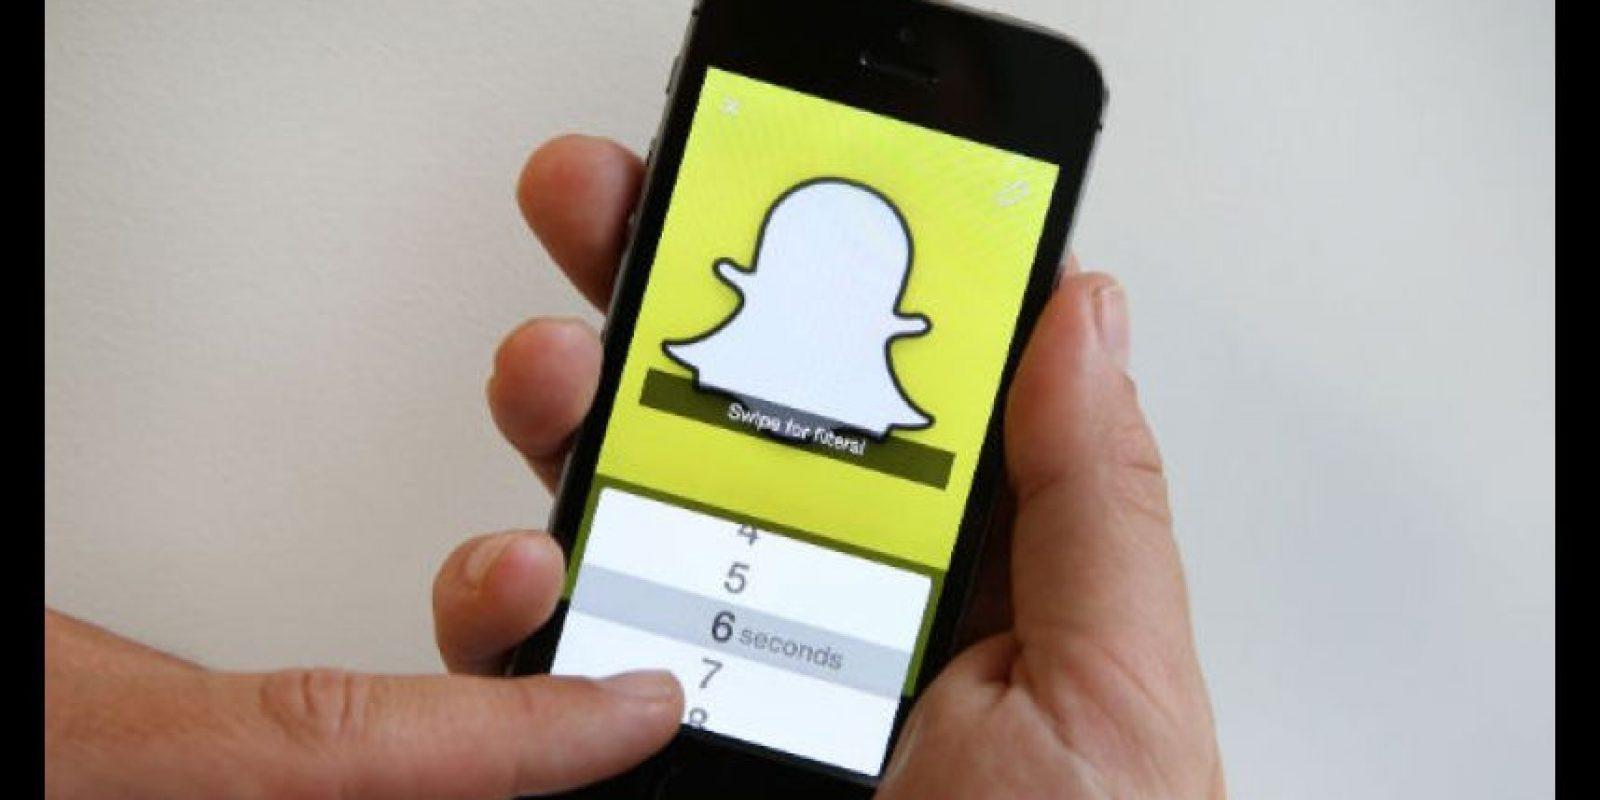 Snapchat permite a los usuarios enviar imágenes, videos cortos o mensajes a través de sus smartphones Foto:Getty Images